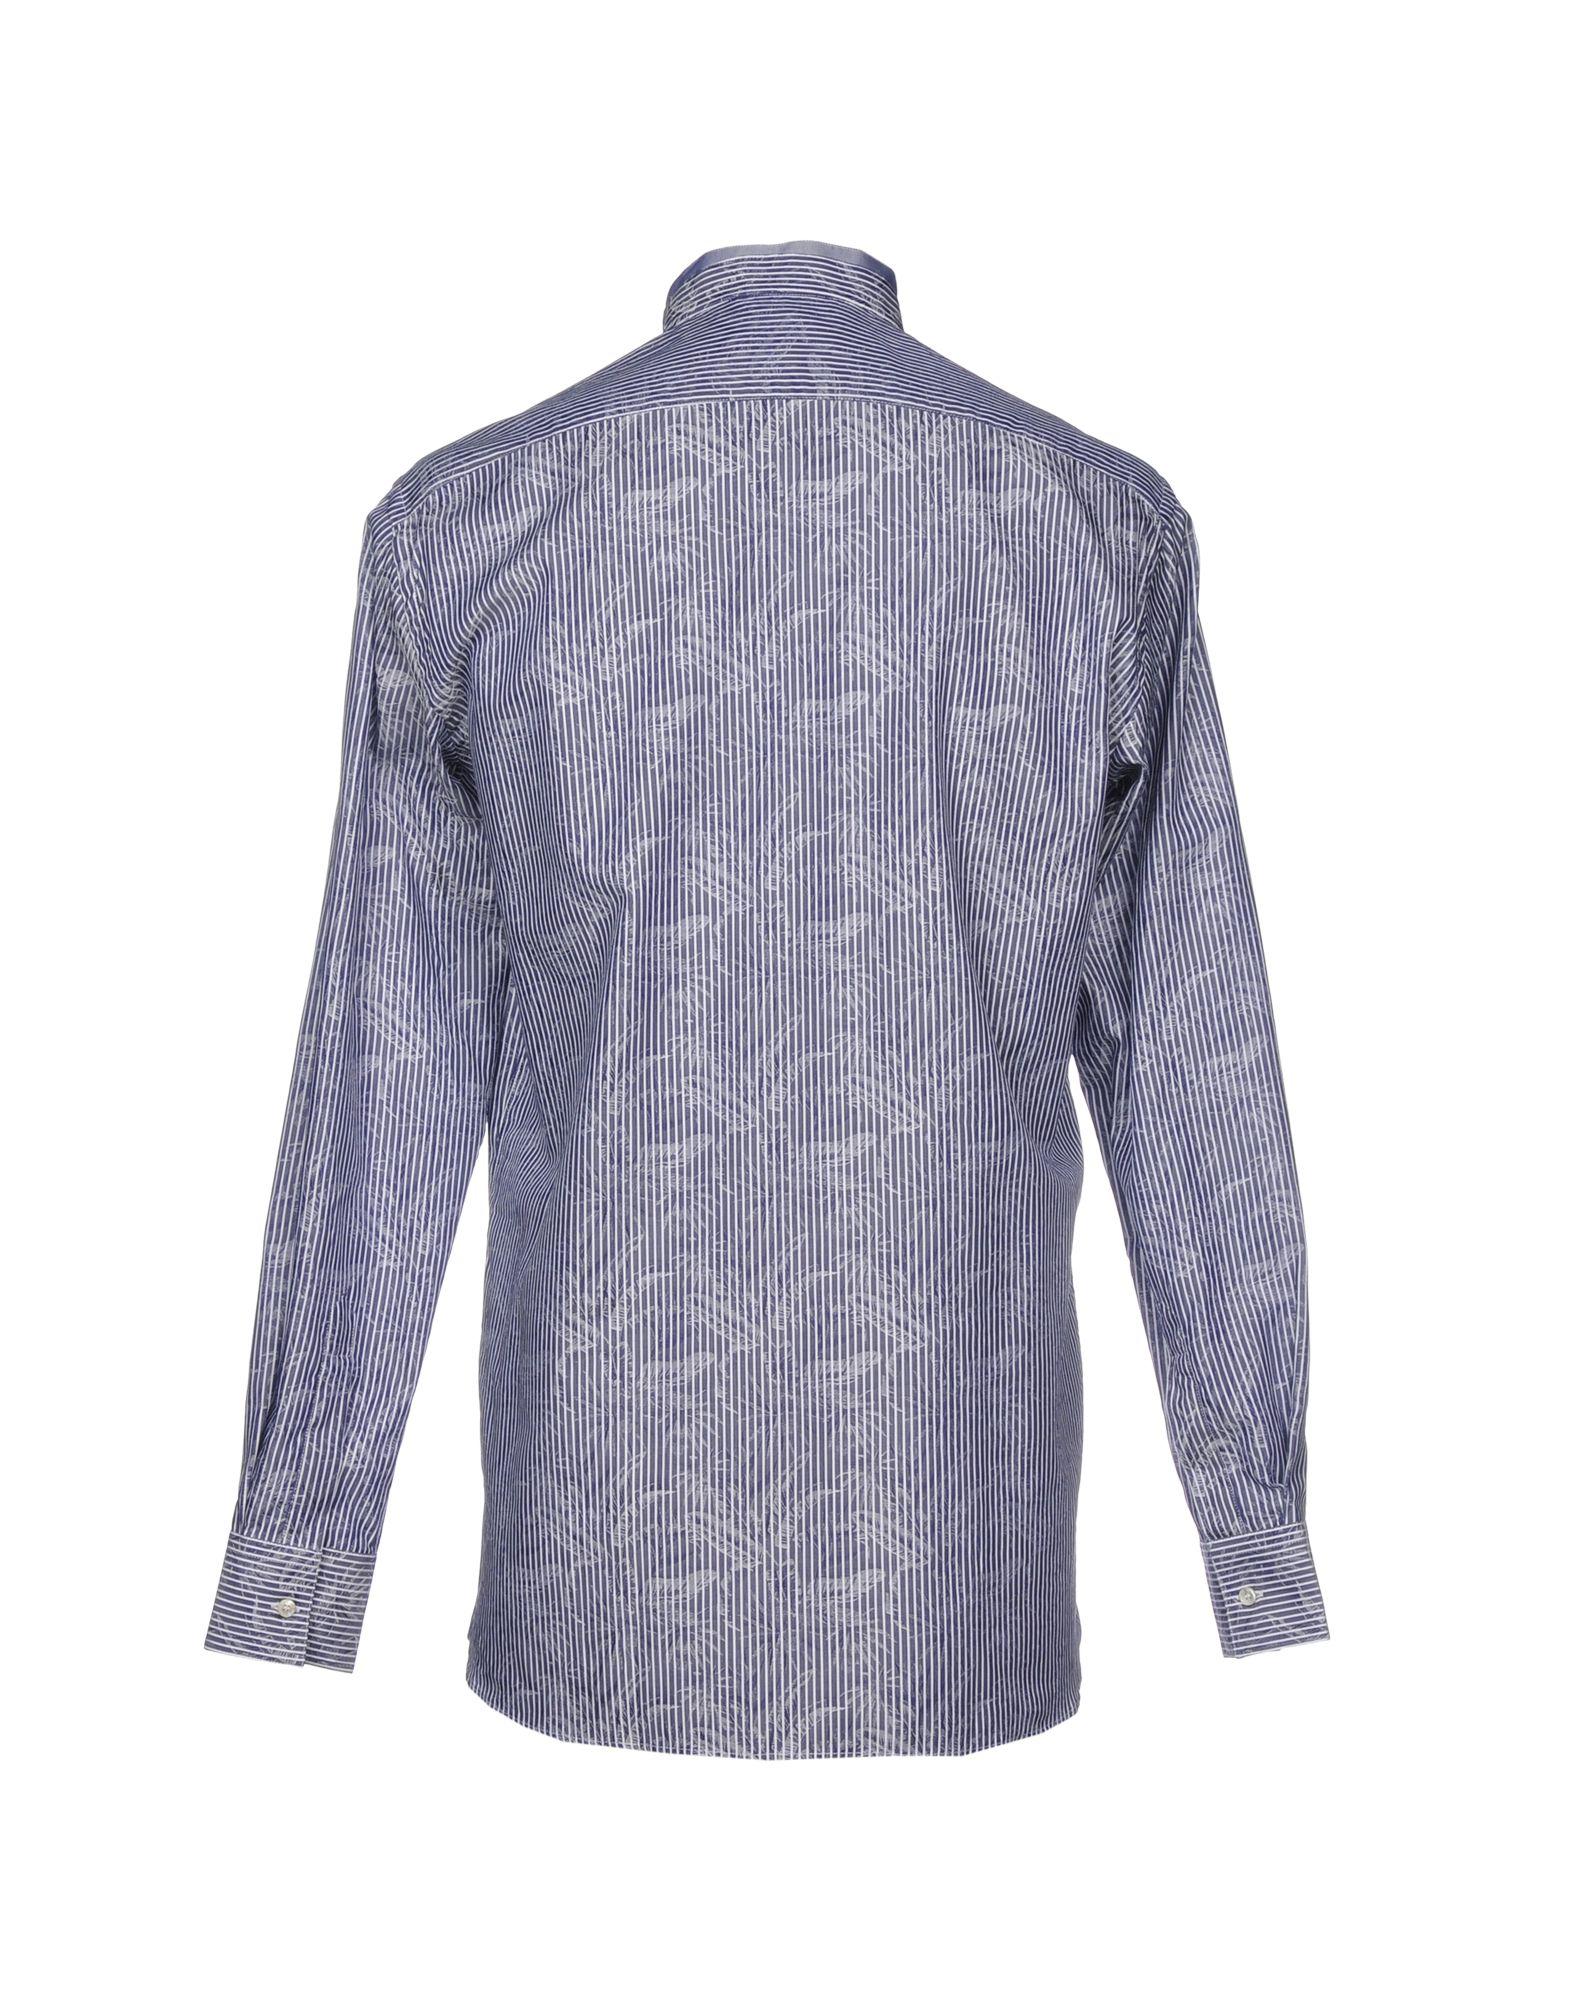 Camicia A Righe Etro - Uomo - Etro 38748085FV 389f31